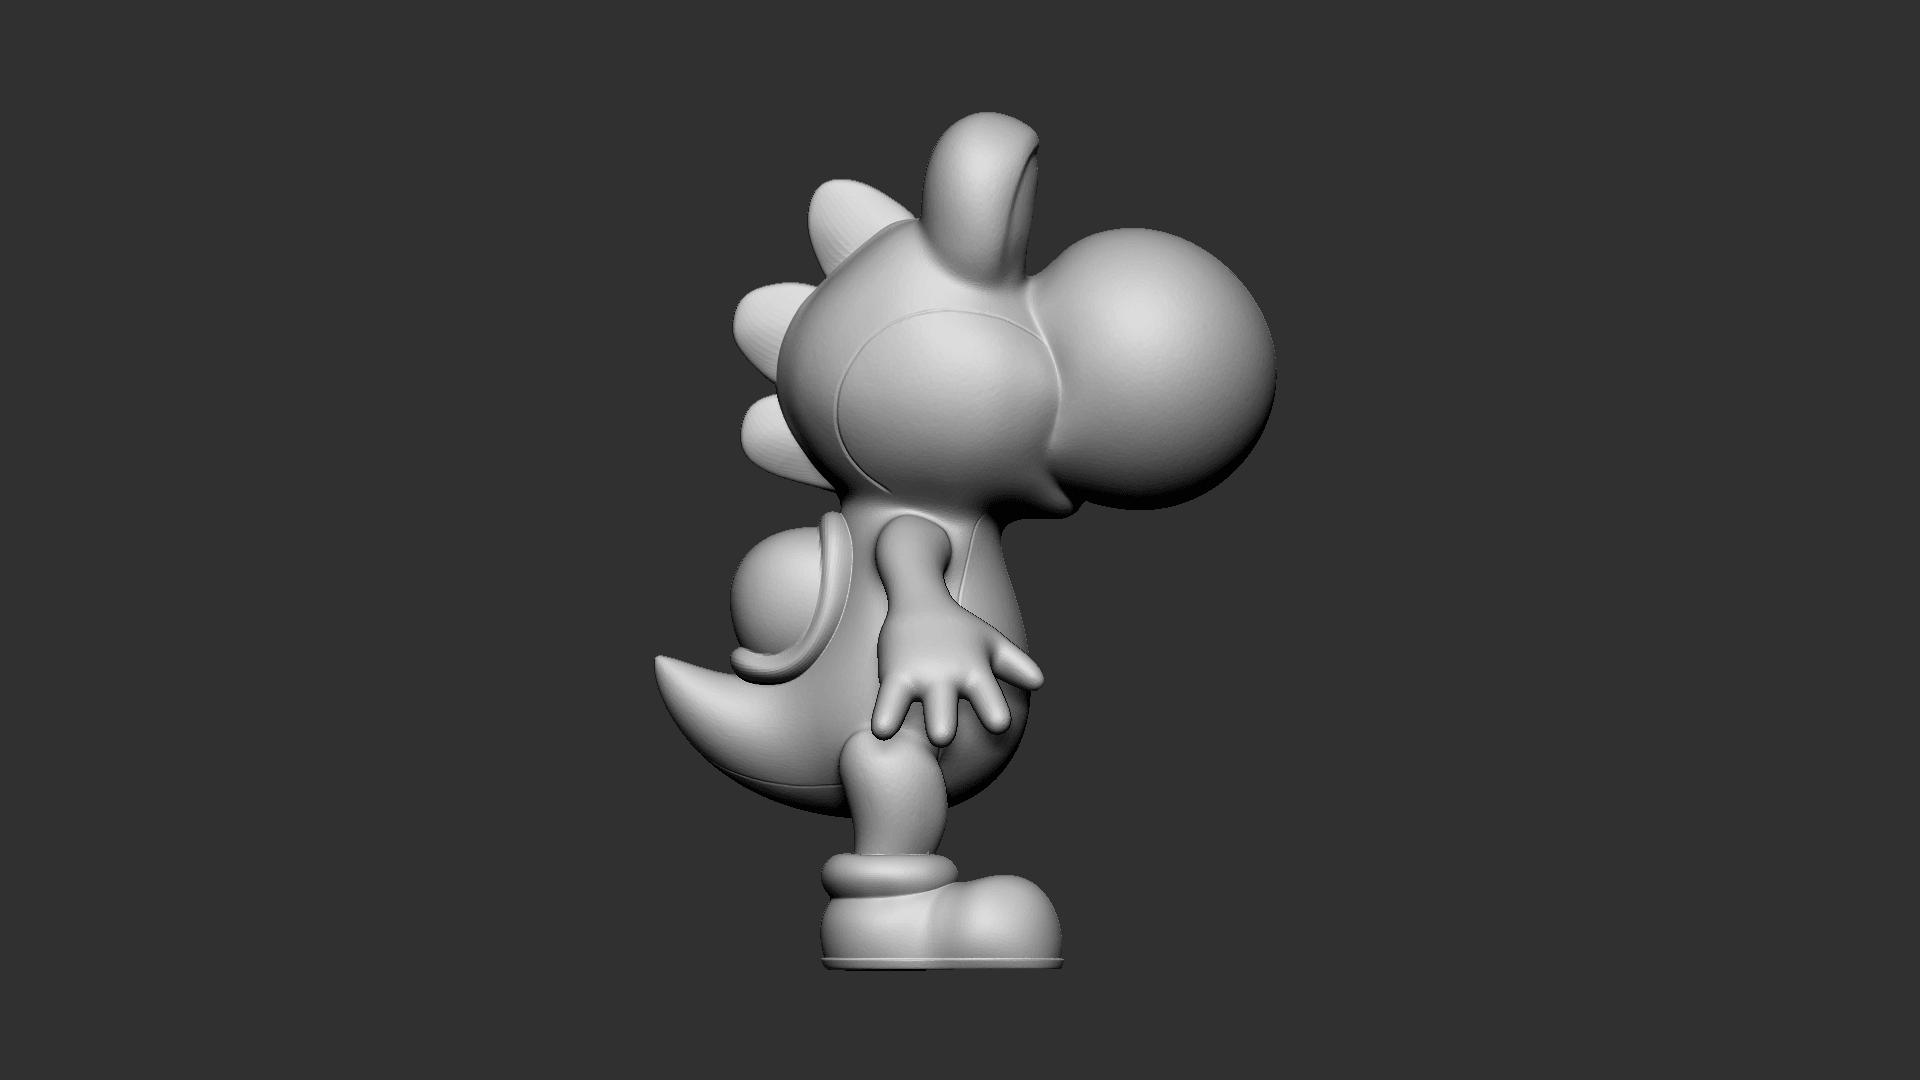 Yoshi_02.png Download free OBJ file Yoshi • Model to 3D print, Ben_M